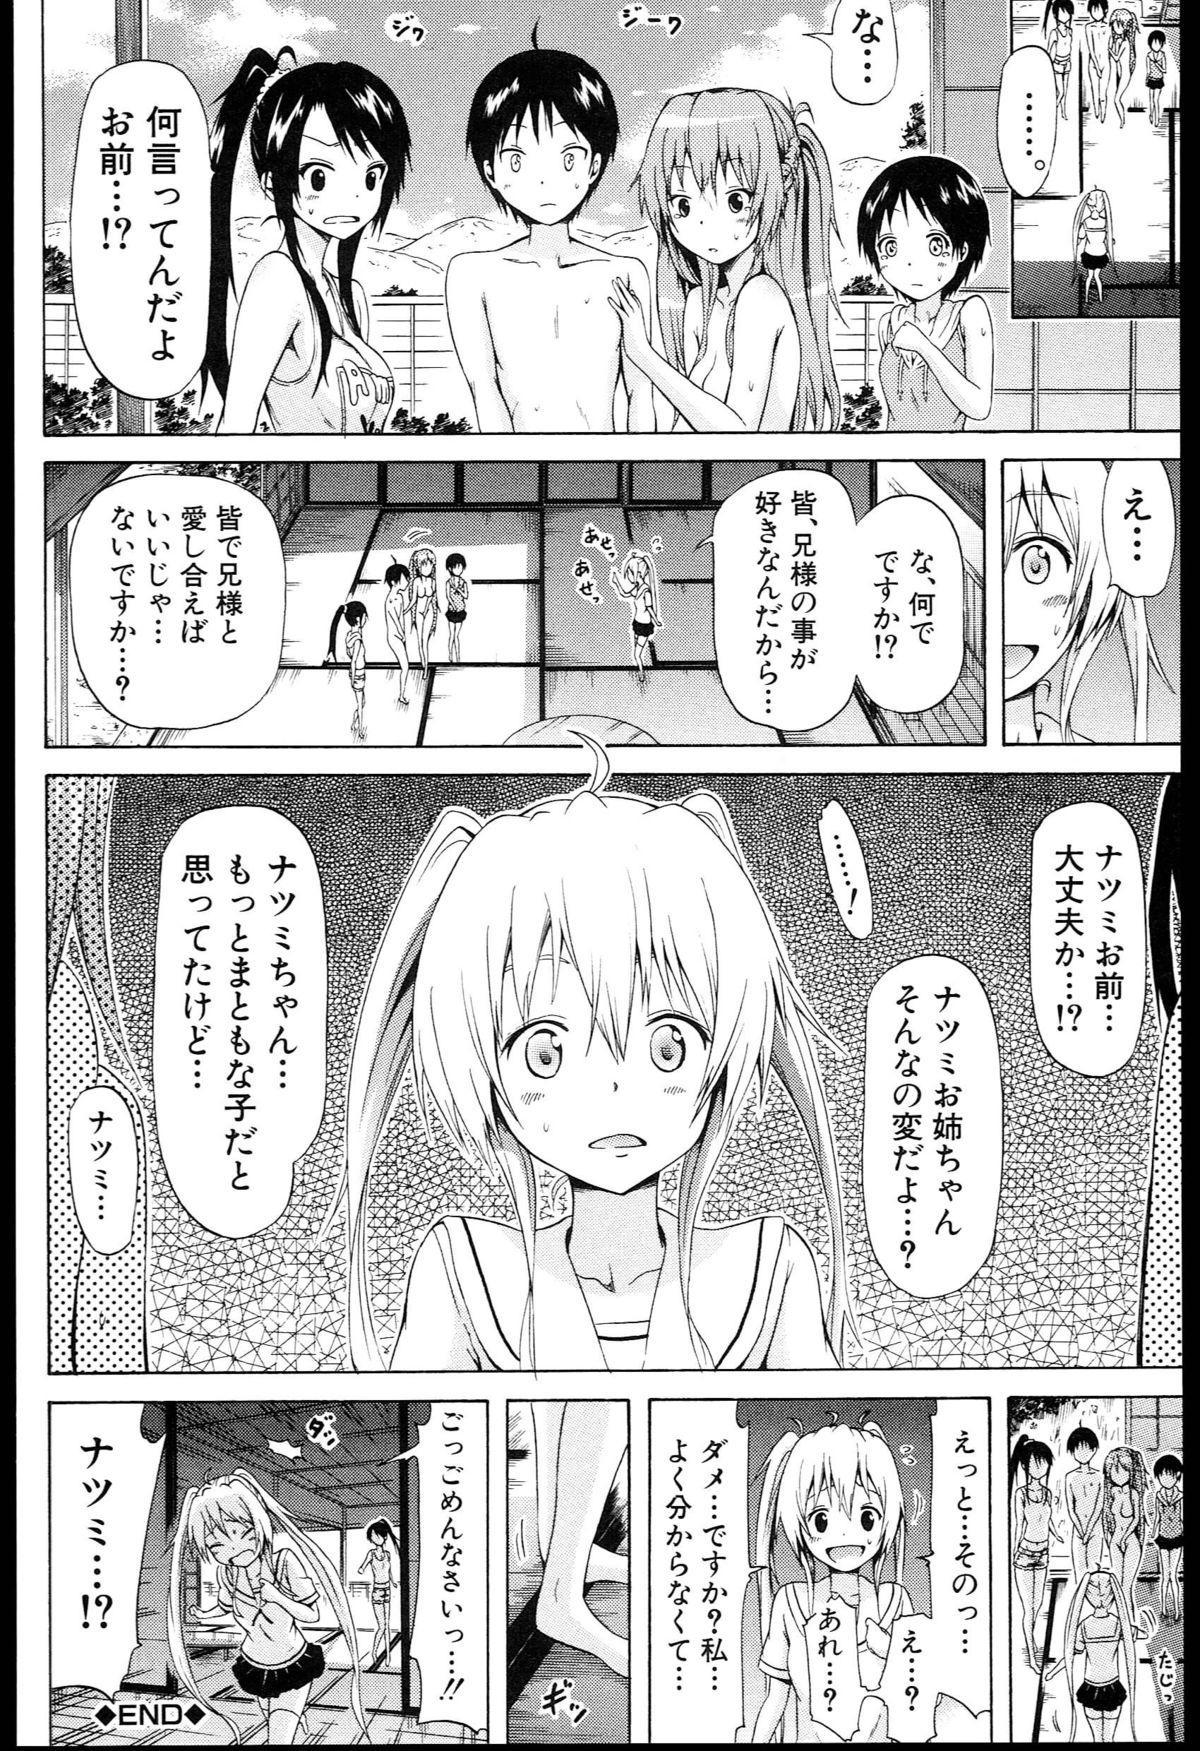 Natsumitsu x Harem + Melonbooks Gentei Shousasshi 160